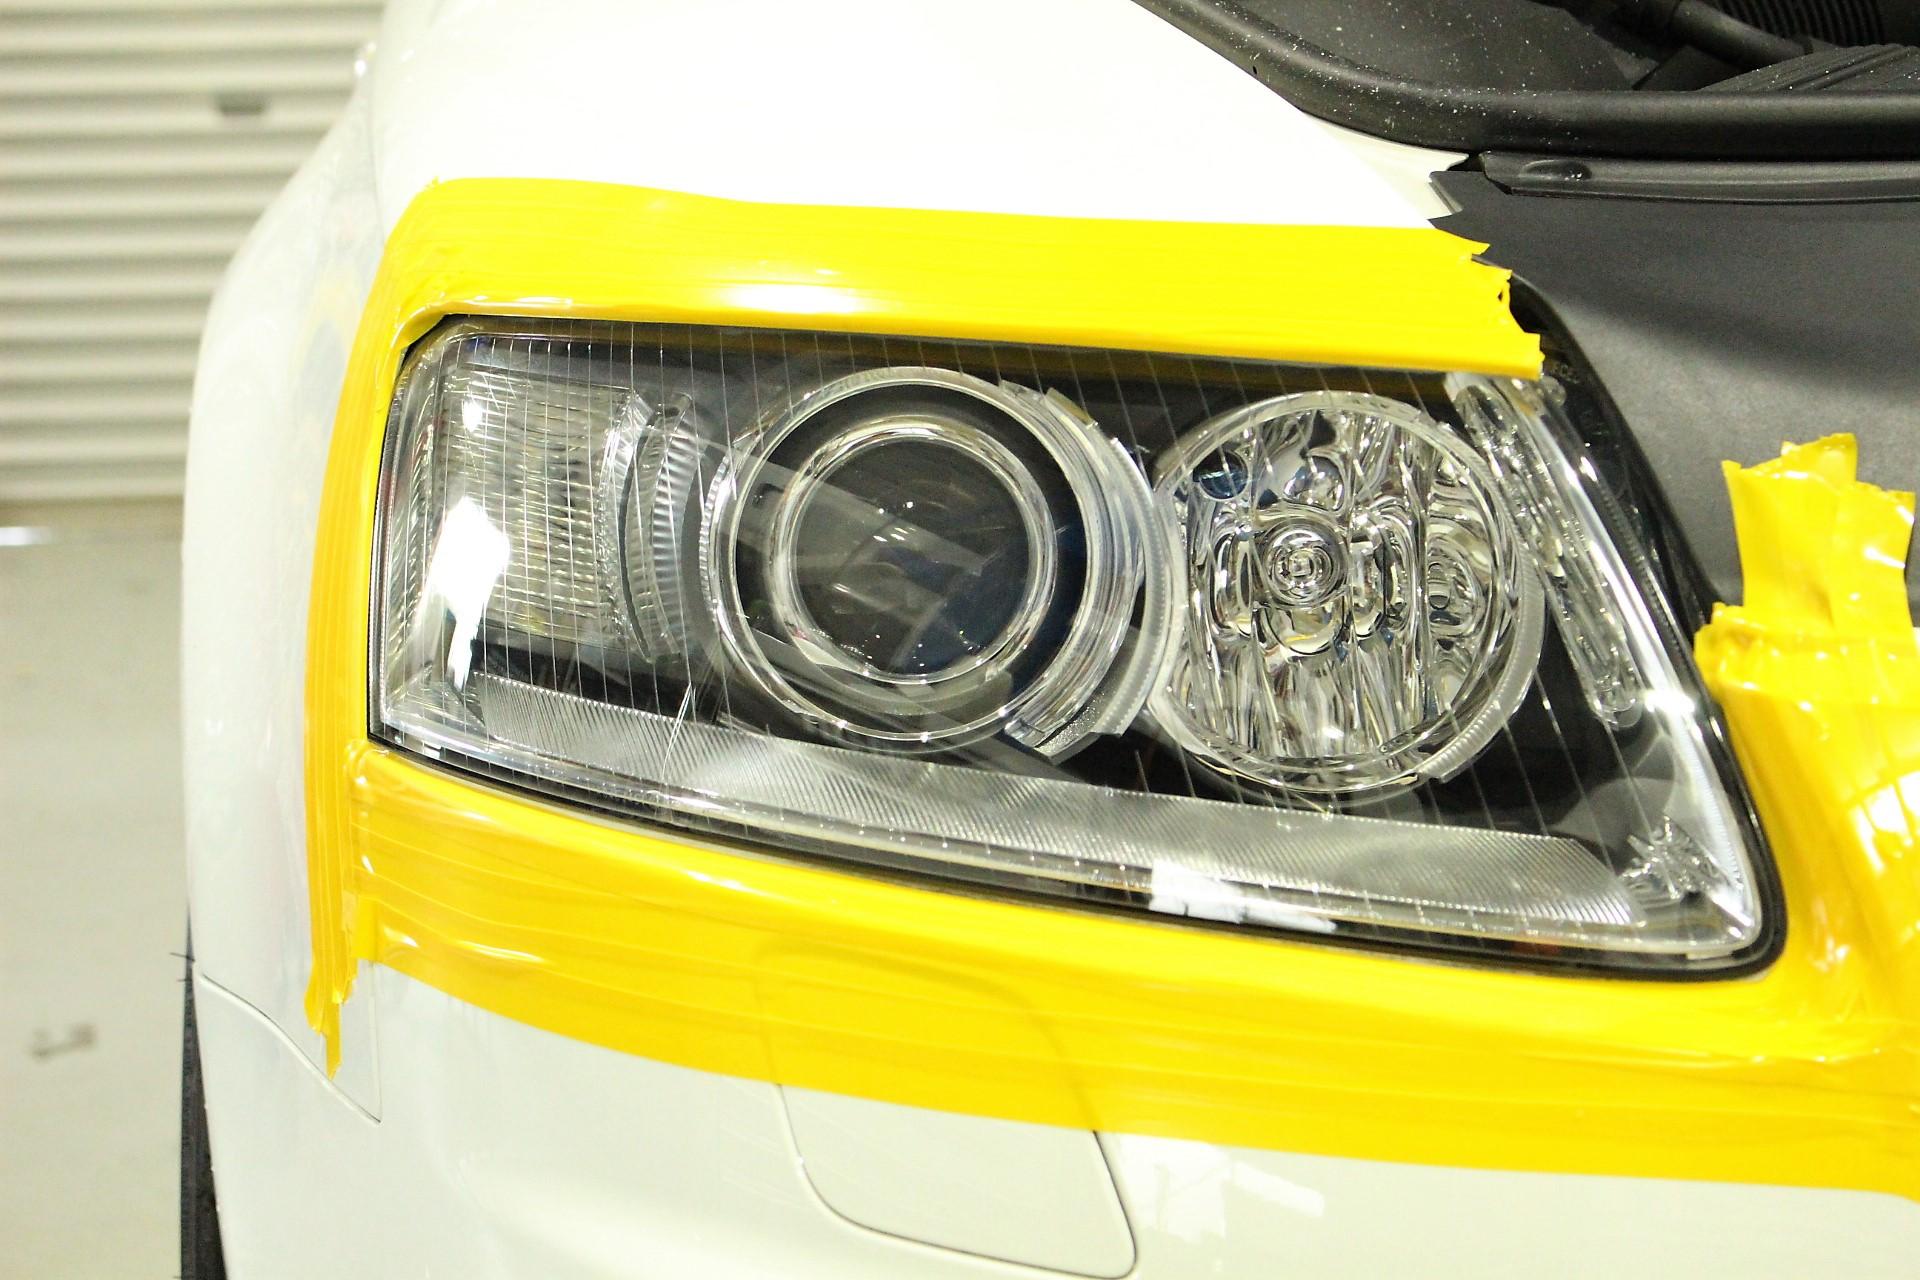 アウディ A6 ドリームコート 施工後 ヘッドライト再生